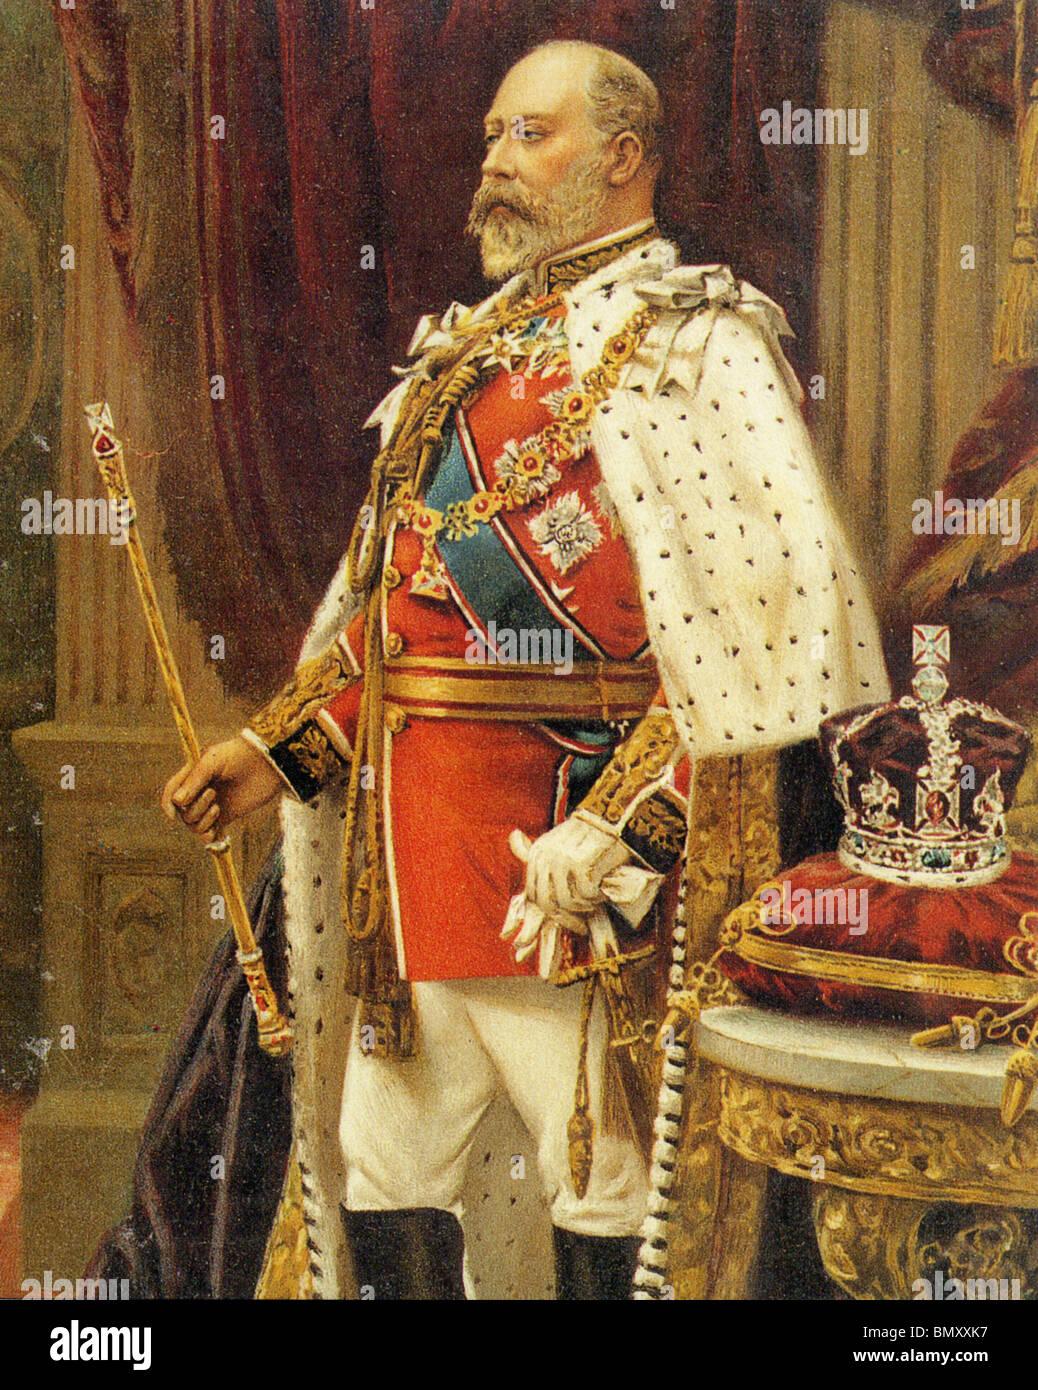 KING EDWARD VII of the United Kingdom (1841-1910) - Stock Image